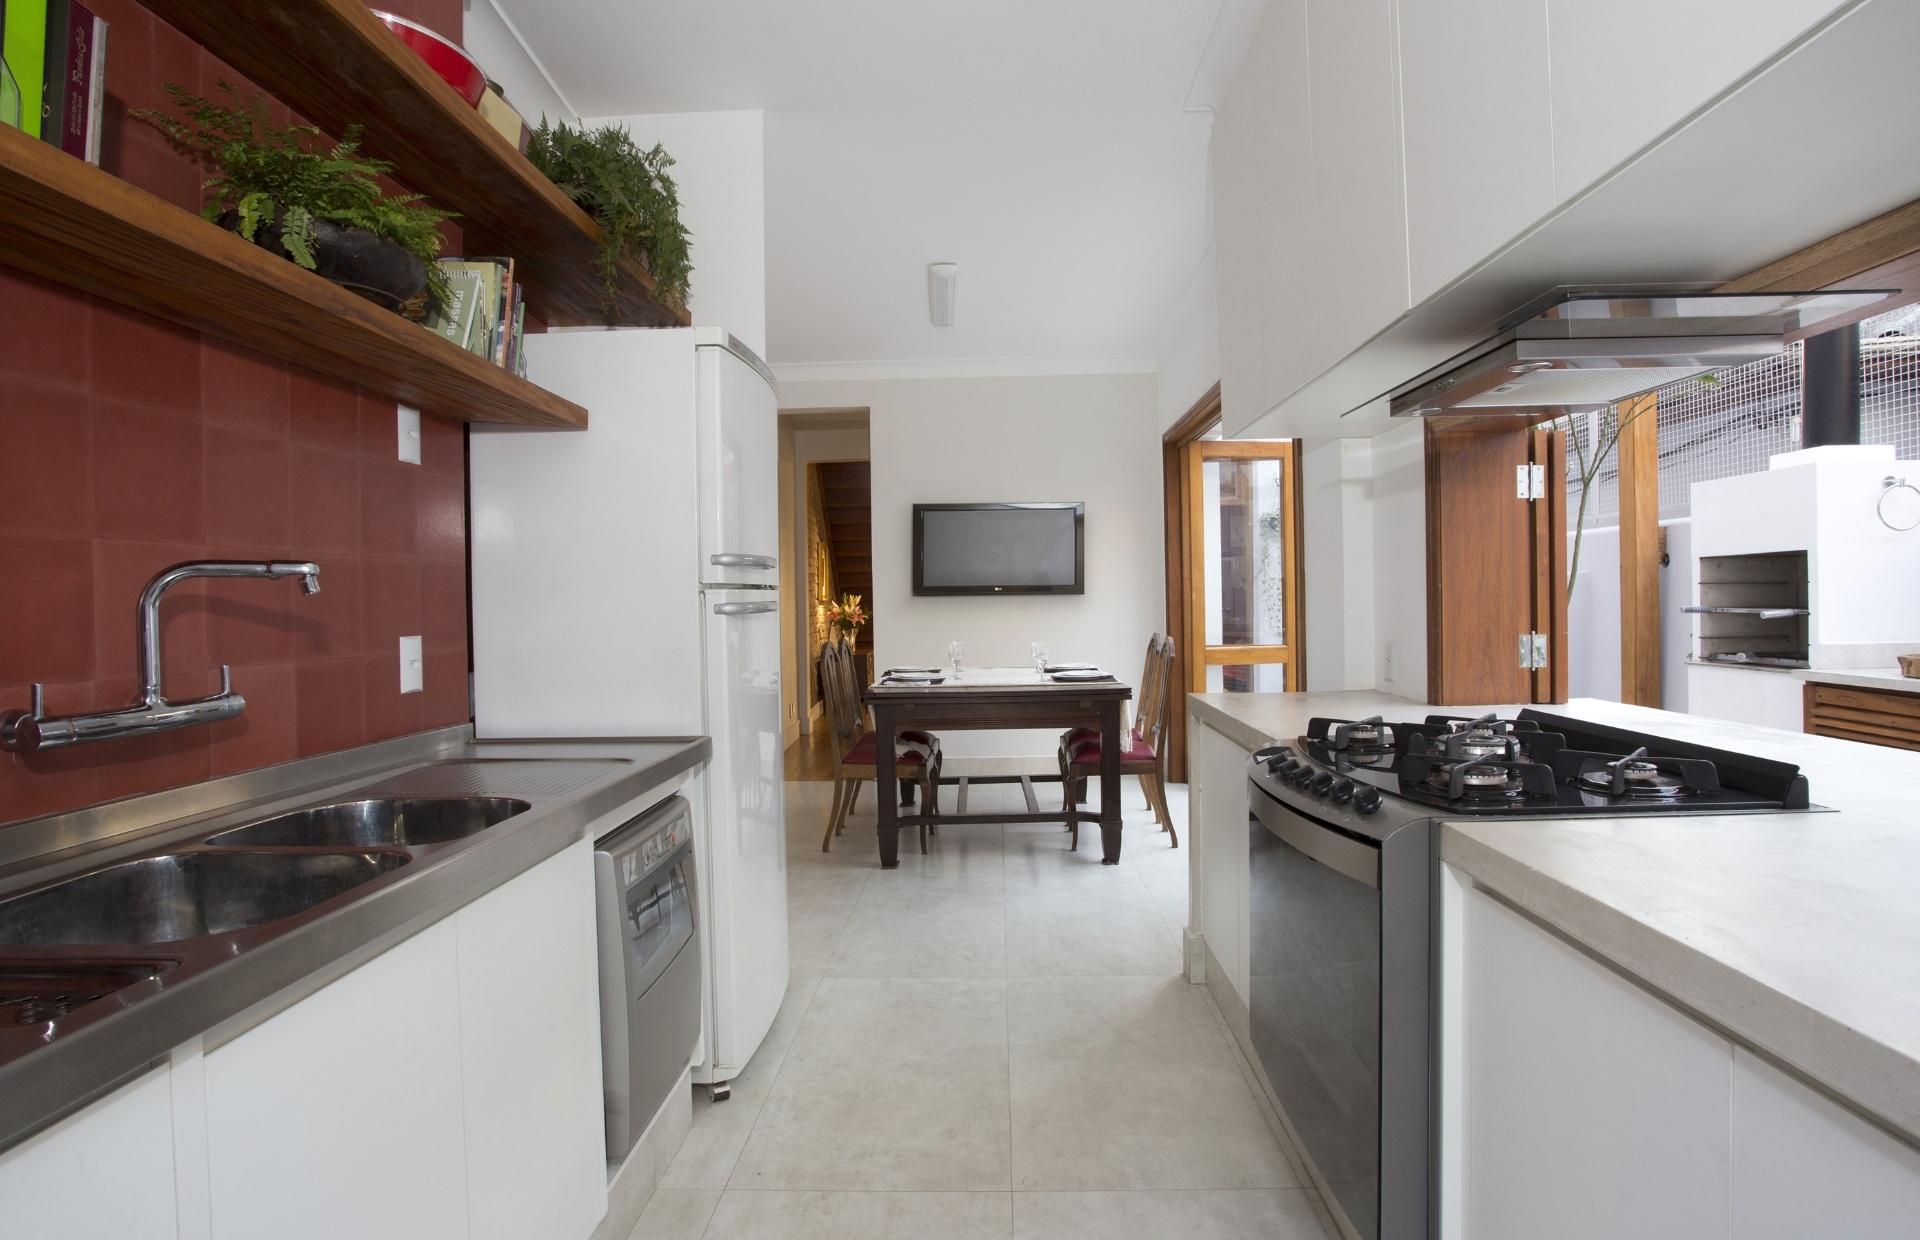 A cozinha tem armários com tampo modulado Mekal e ladrilho hidráulico vermelho revestindo parede da área de trabalhos (à esq.), além de bancada em cimento queimado (Vianarte). A casa fica no bairro da Liberdade, centro de São Paulo, e teve projeto de